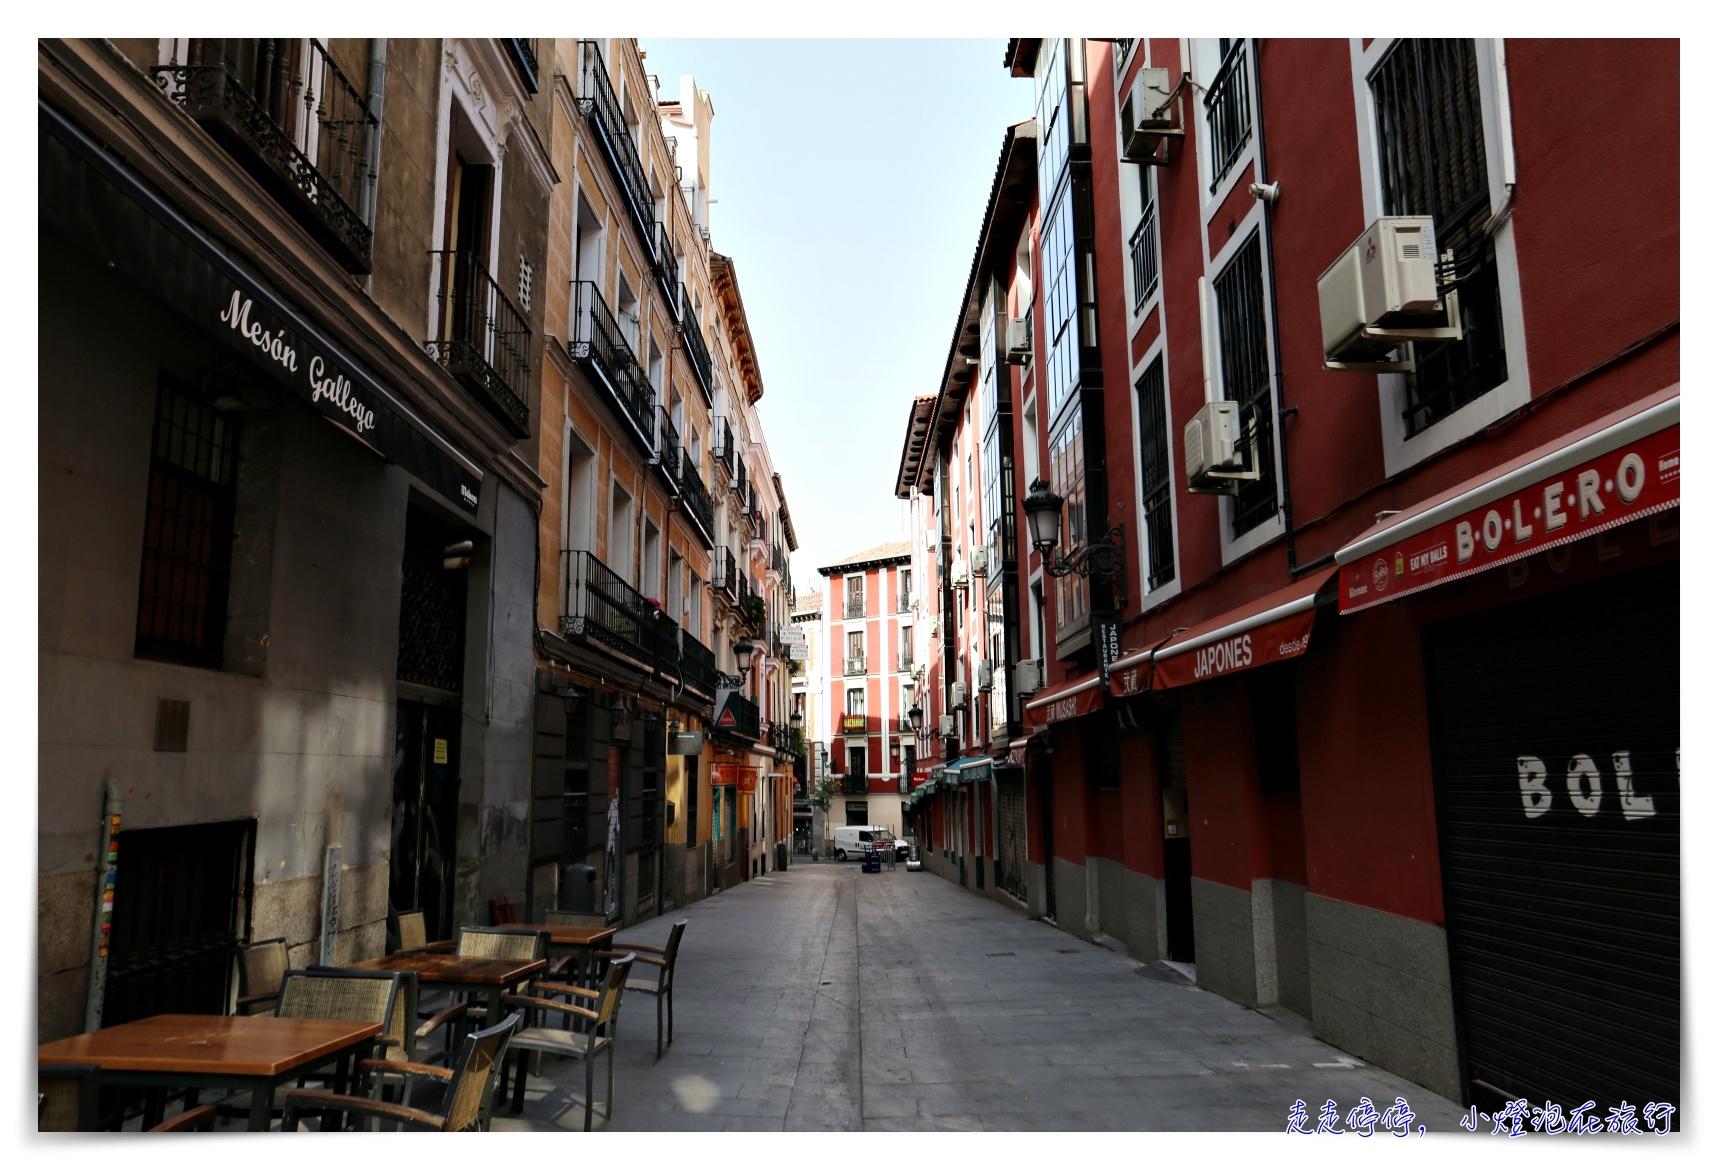 聽說西班牙治安很差?馬德里、西班牙親子自由行治安實際旅行心得以及防搶裝備懶人包~